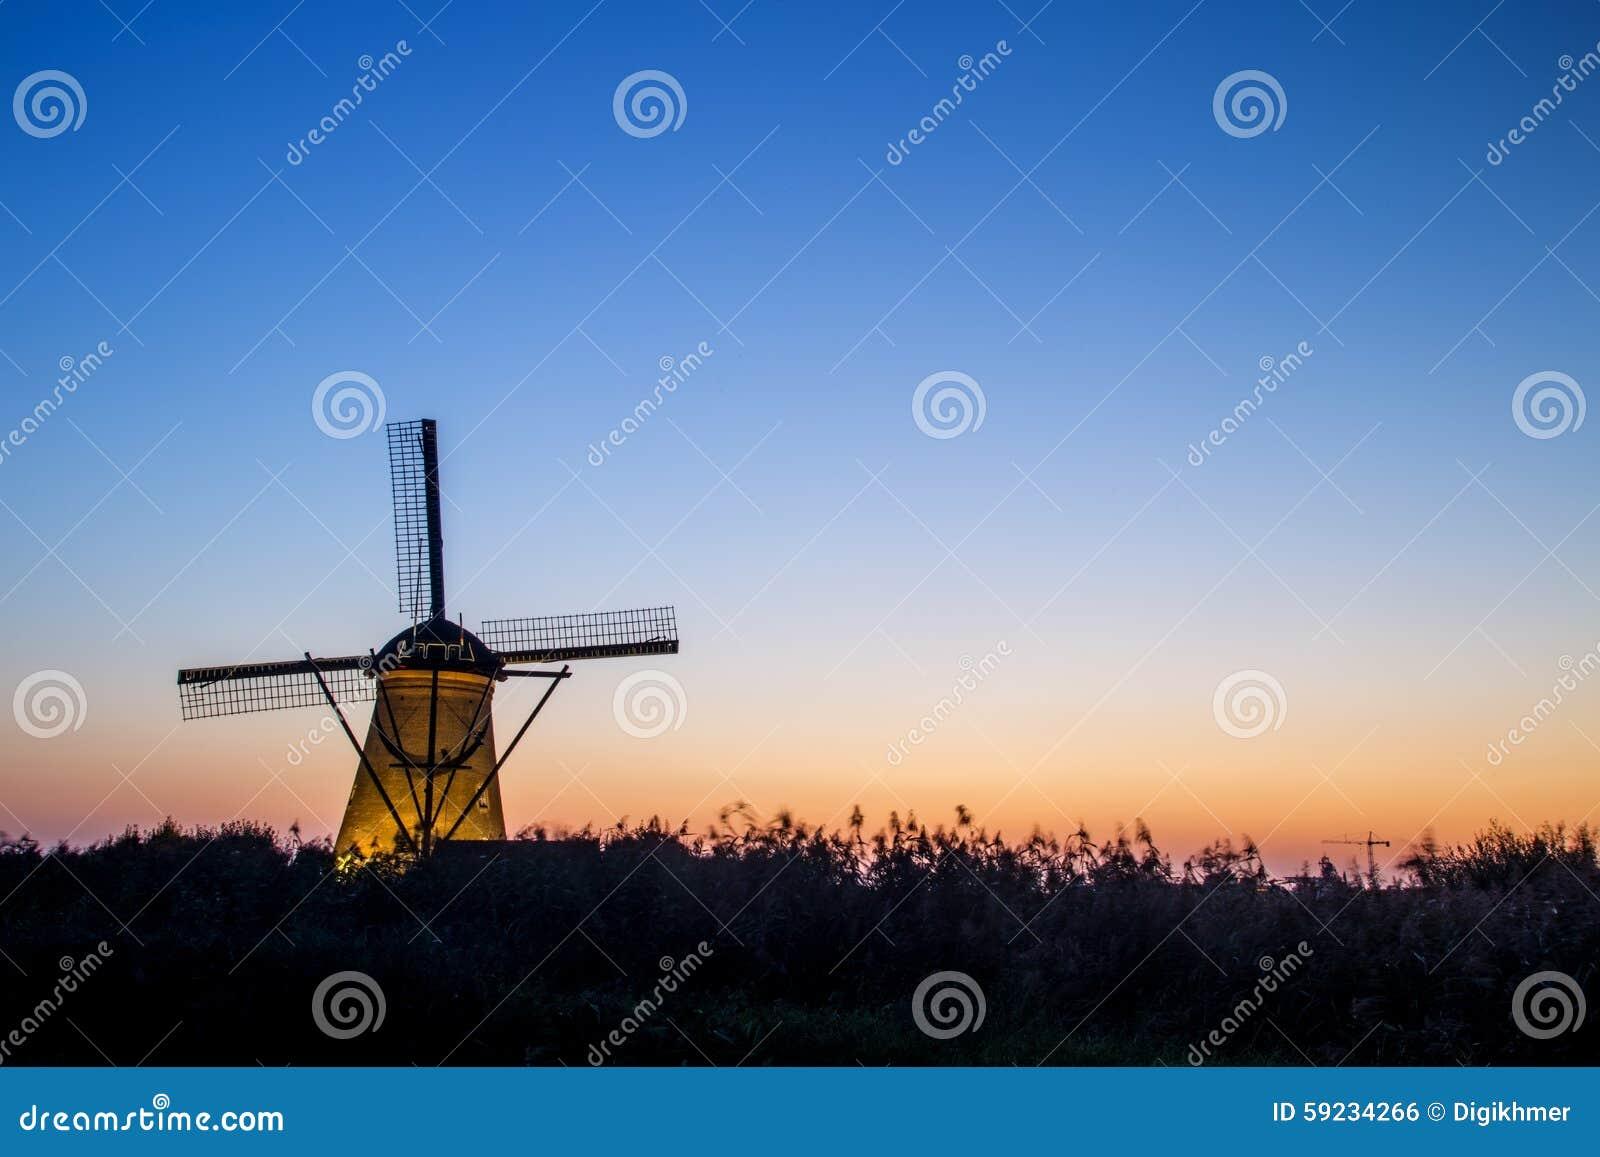 Silueta derecha del molino de viento en la puesta del sol